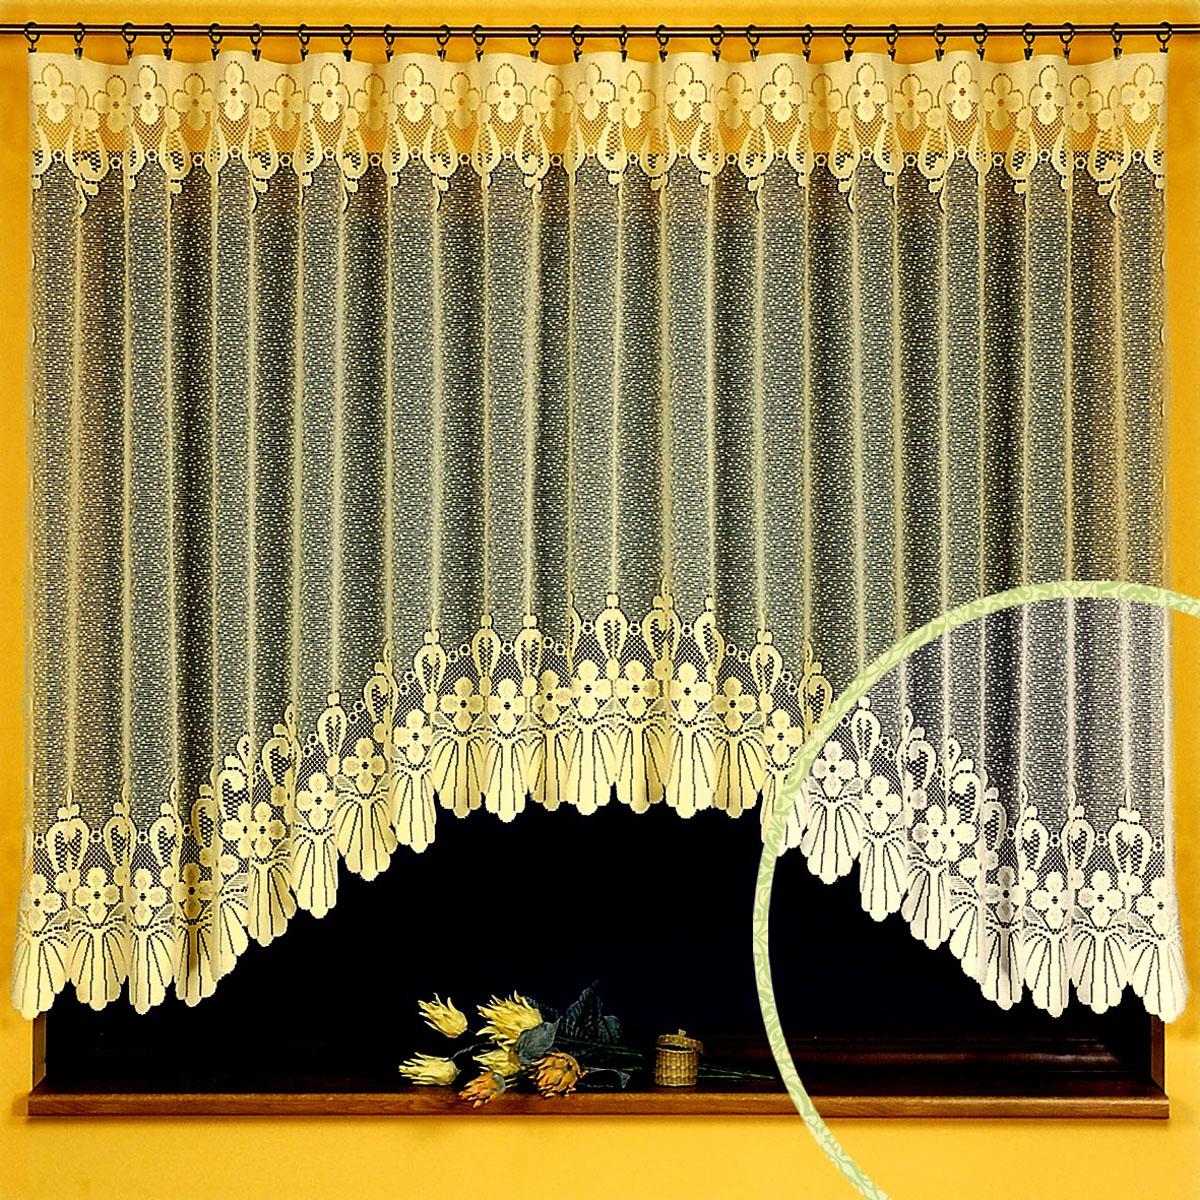 Гардина Ewa, цвет: белый, высота 150 см10503Гардина Ewa, выполненная из легкого полиэстера белого цвета, станет великолепным украшением любого окна. Тонкое плетение, оригинальный дизайн и нежная цветовая гамма привлекут внимание и украсят интерьер помещения. Гардина крепится к карнизу только с помощью зажимов (в комплект не входят). Характеристики:Материал: 100% полиэстер. Цвет: белый. Размер упаковки:24 см х 33 см х 6 см. Артикул: 446803.В комплект входит: Гардина - 1 шт. Размер (ШхВ): 350 см х 150 см. Фирма Wisan на польском рынке существует уже более пятидесяти лет и является одной из лучших польских фабрик по производству штор и тканей. Ассортимент фирмы представлен готовыми комплектами штор для гостиной, детской, кухни, а также текстилем для кухни (скатерти, салфетки, дорожки, кухонные занавески). Модельный ряд отличает оригинальный дизайн, высокое качество. Ассортимент продукции постоянно пополняется.УВАЖАЕМЫЕ КЛИЕНТЫ!Обращаем ваше внимание на цвет изделия. Цветовой вариант гардины, данной в интерьере, служит для визуального восприятия товара. Цветовая гамма данной гардины представлена на отдельном изображении фрагментом ткани.